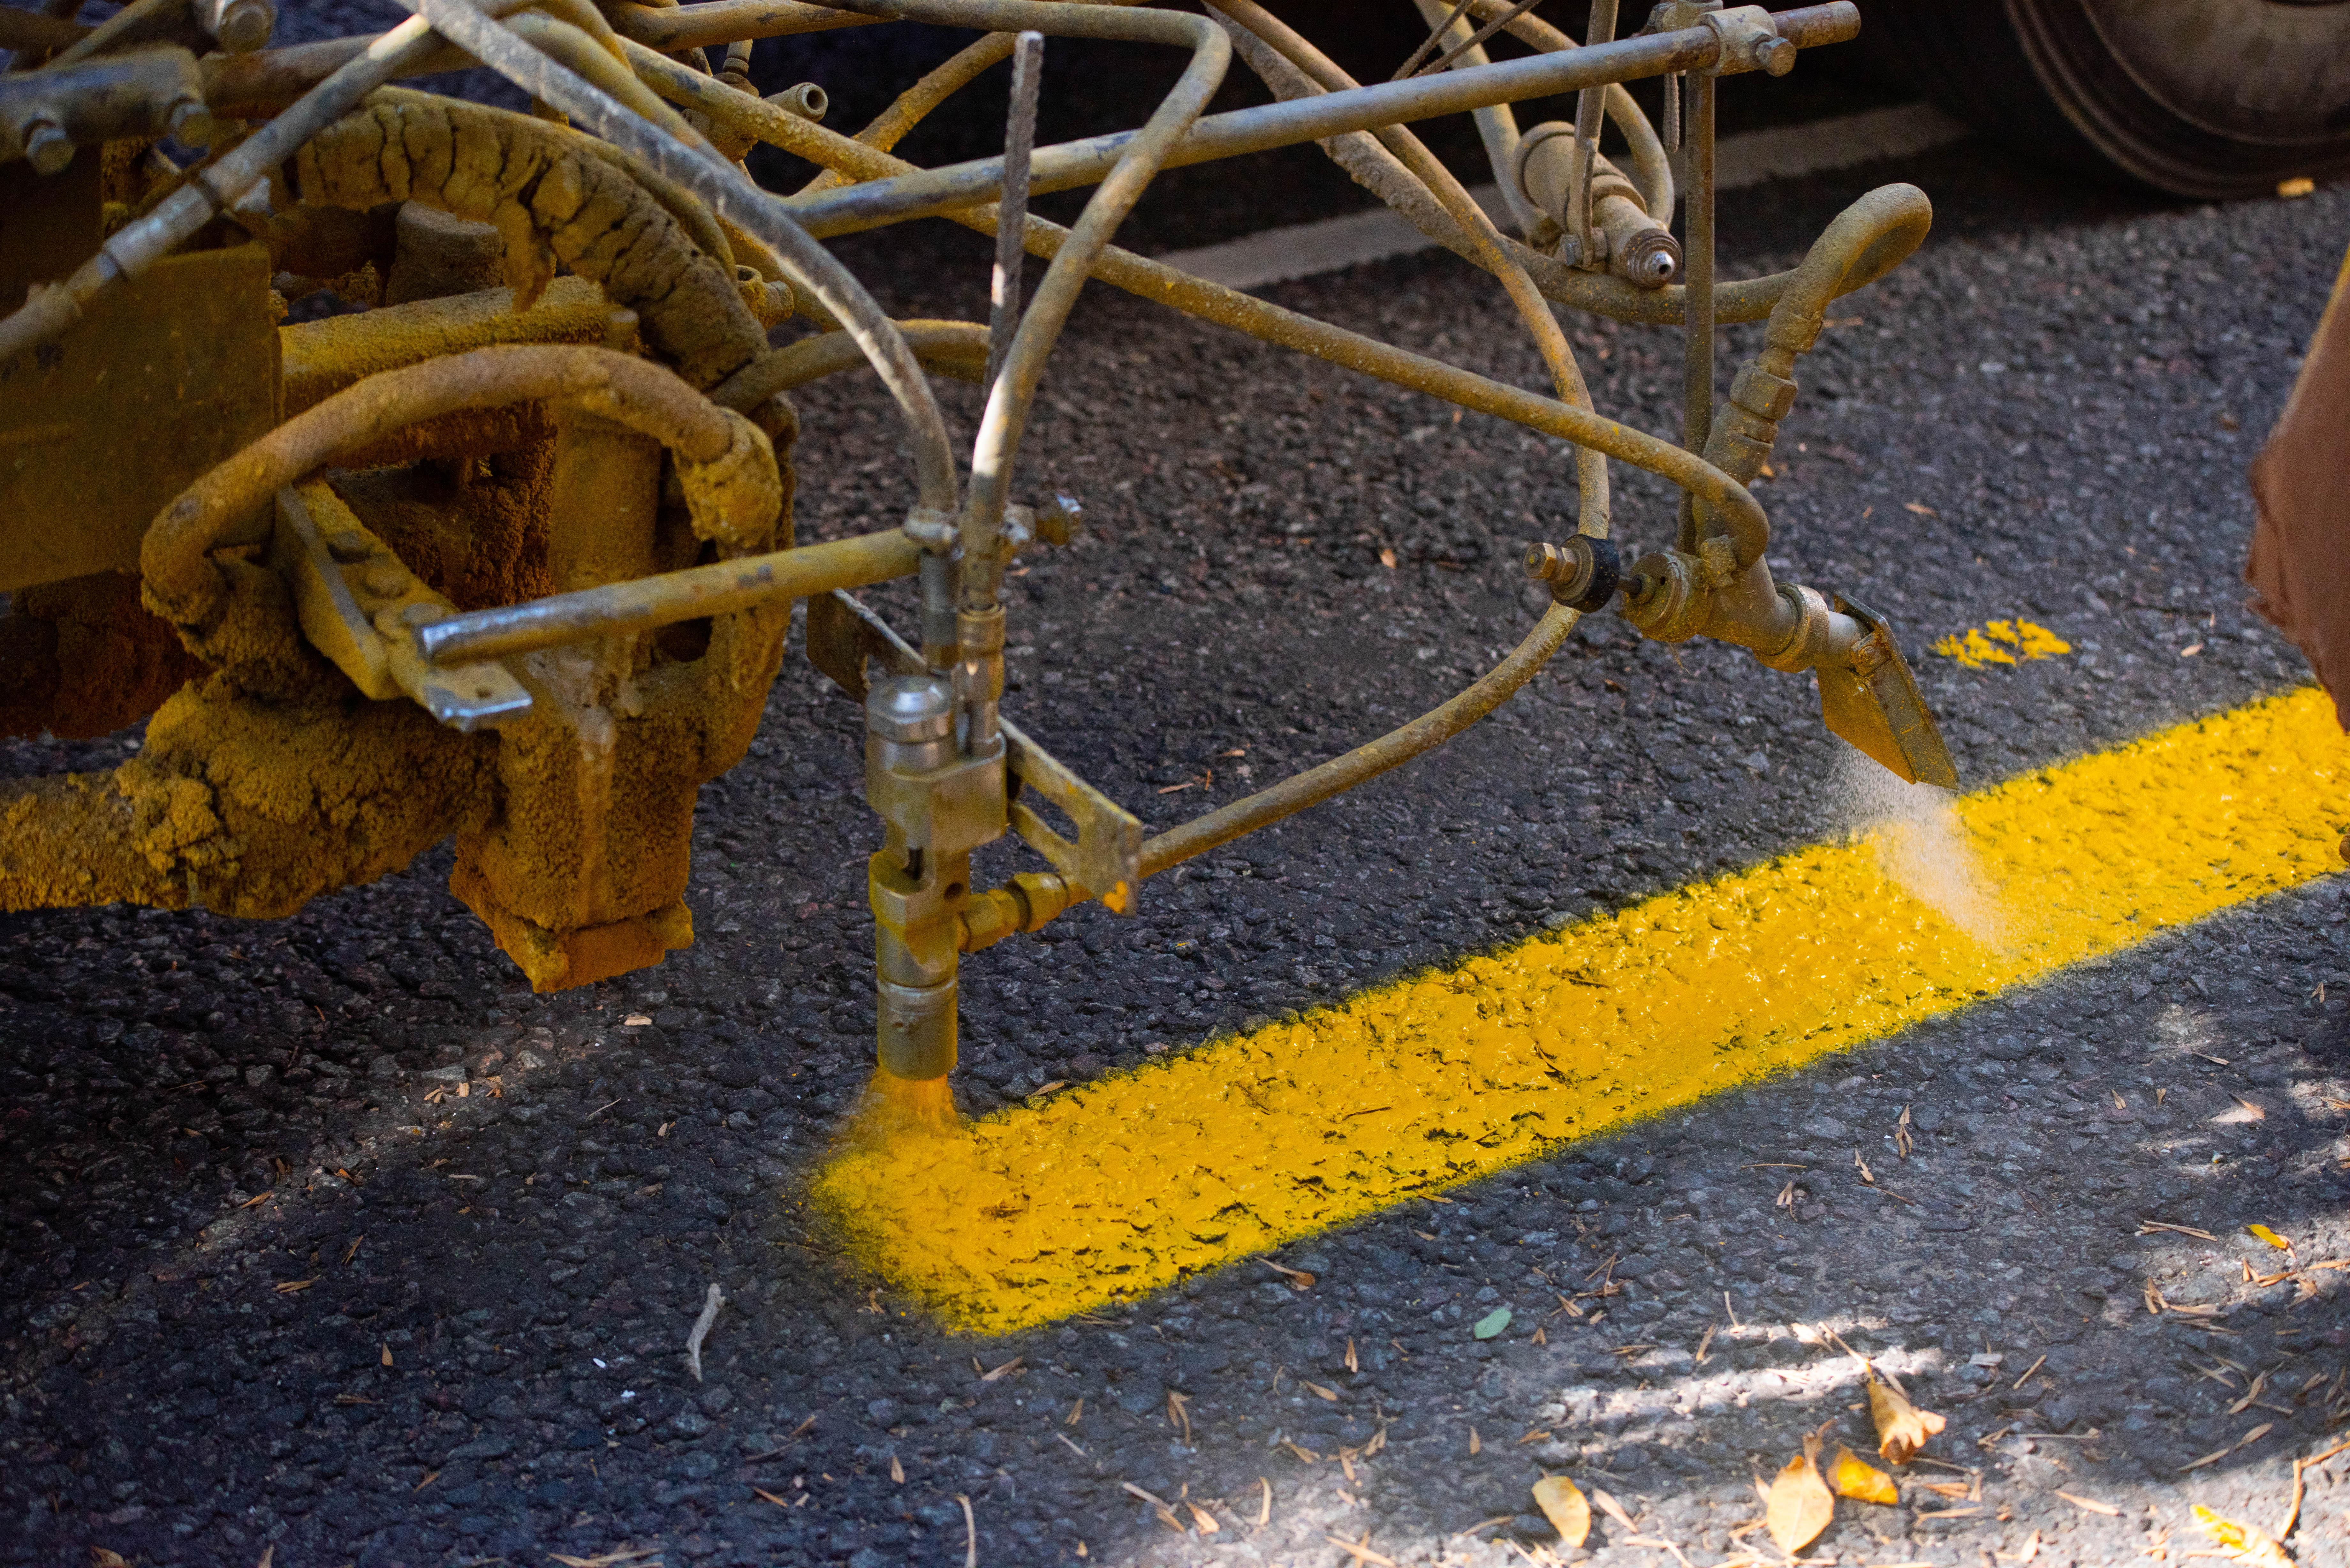 La redistribución de calles y avenidas implementará a través de intervenciones y demarcaciones en la calzada